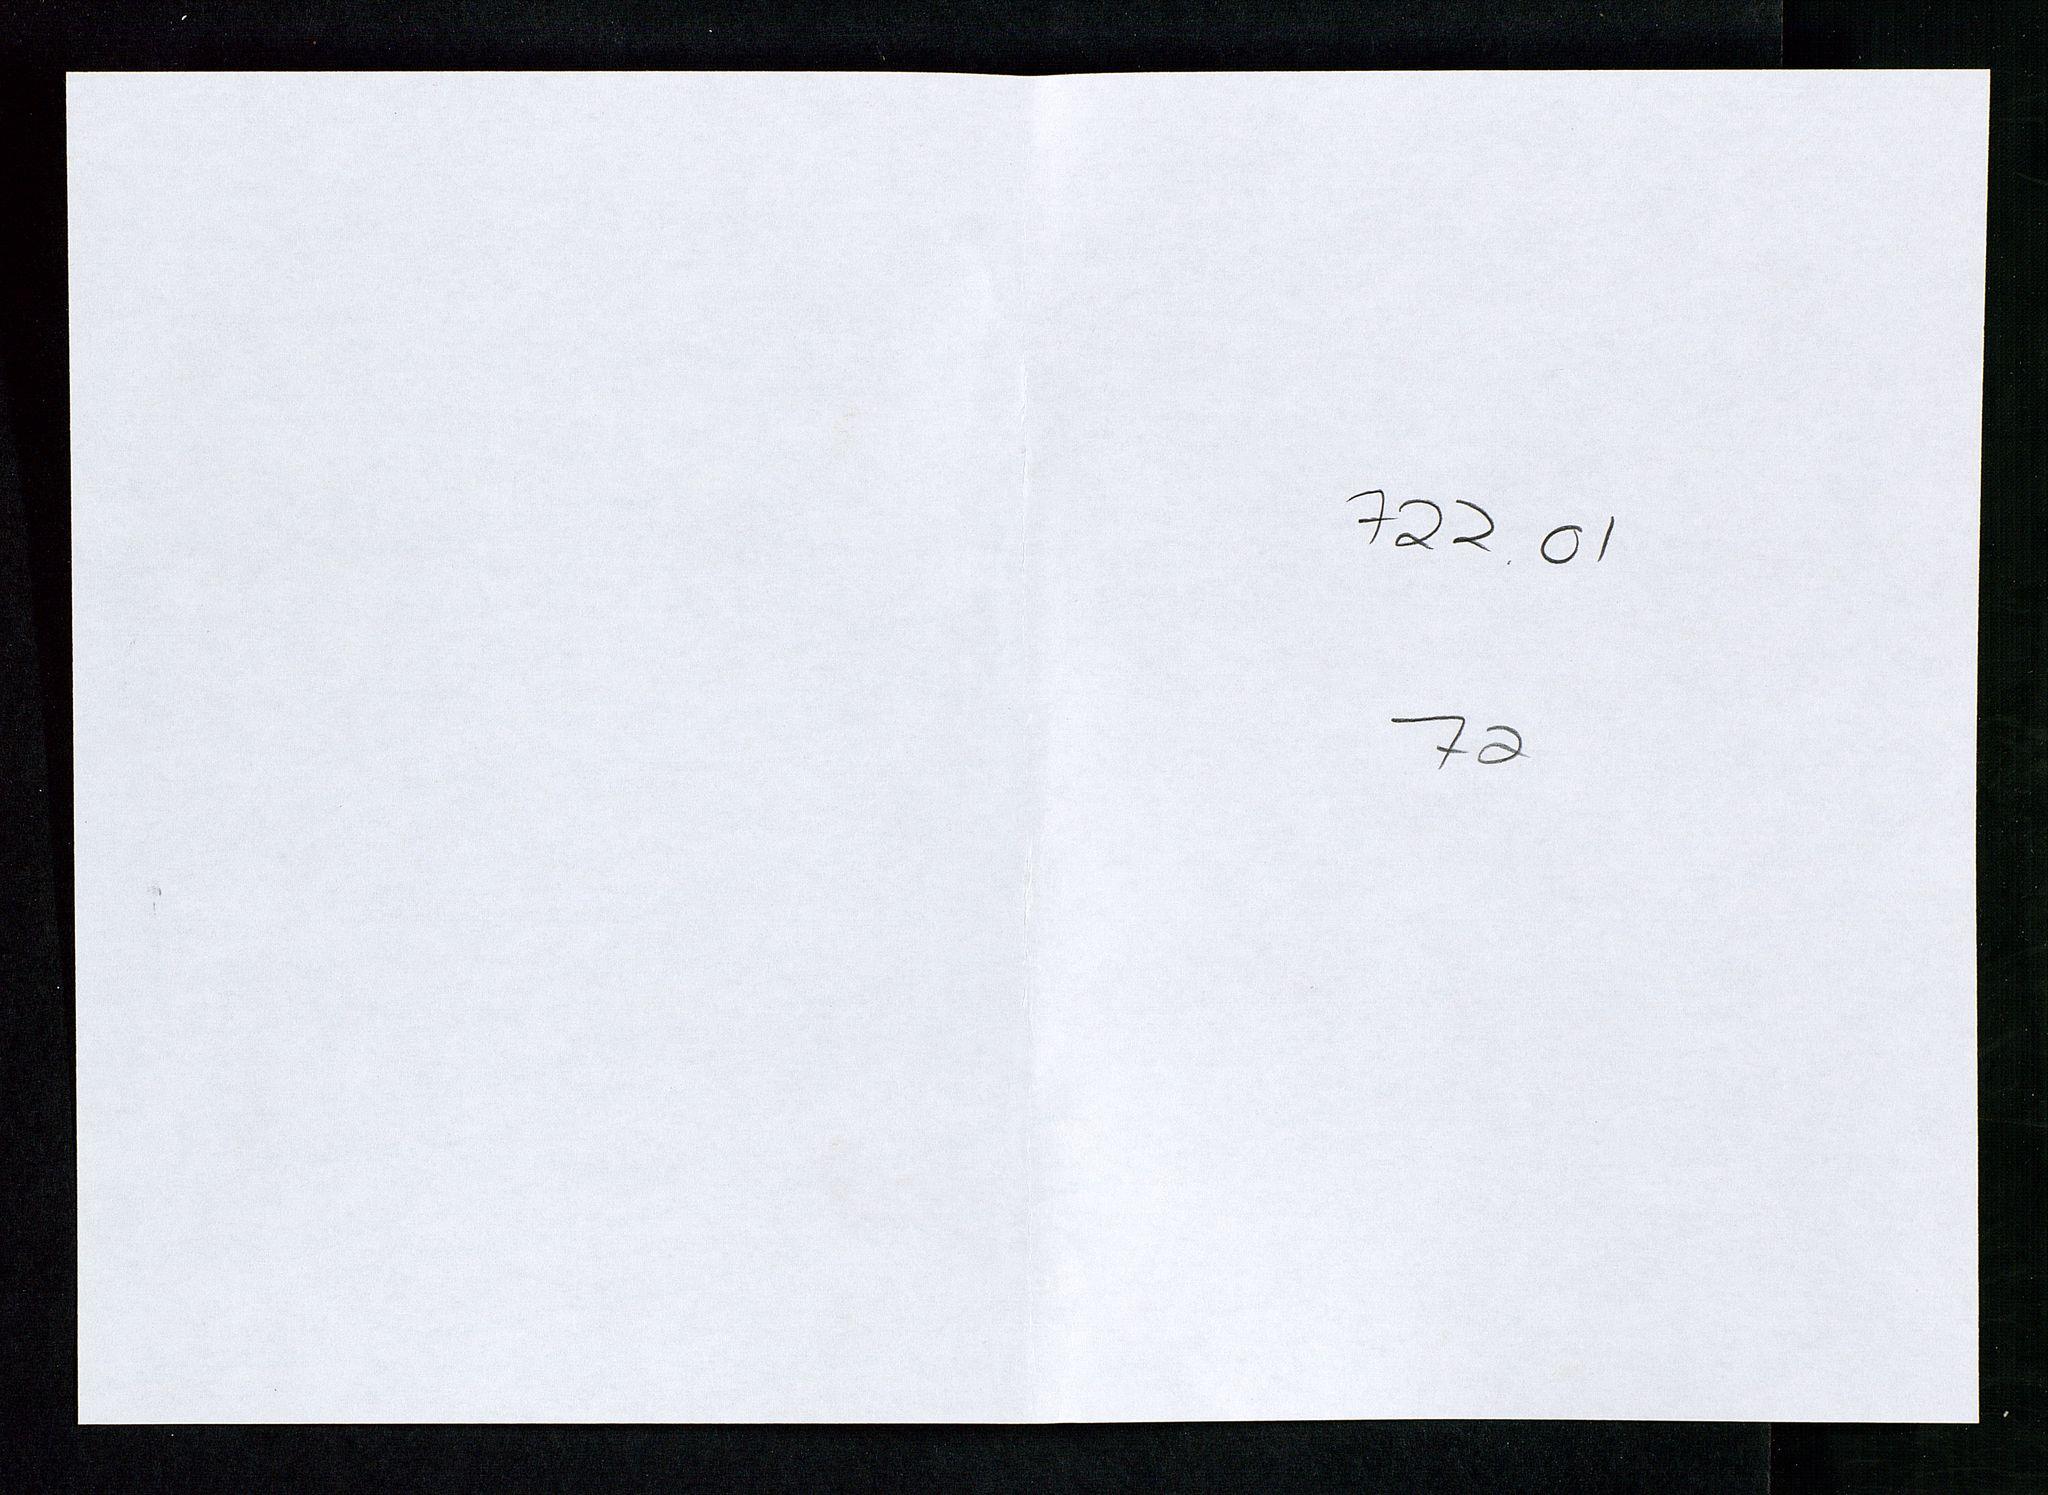 SAST, Industridepartementet, Oljekontoret, Da/L0008:  Arkivnøkkel 721- 722 Geofysikk, forskning, 1970-1972, s. 302